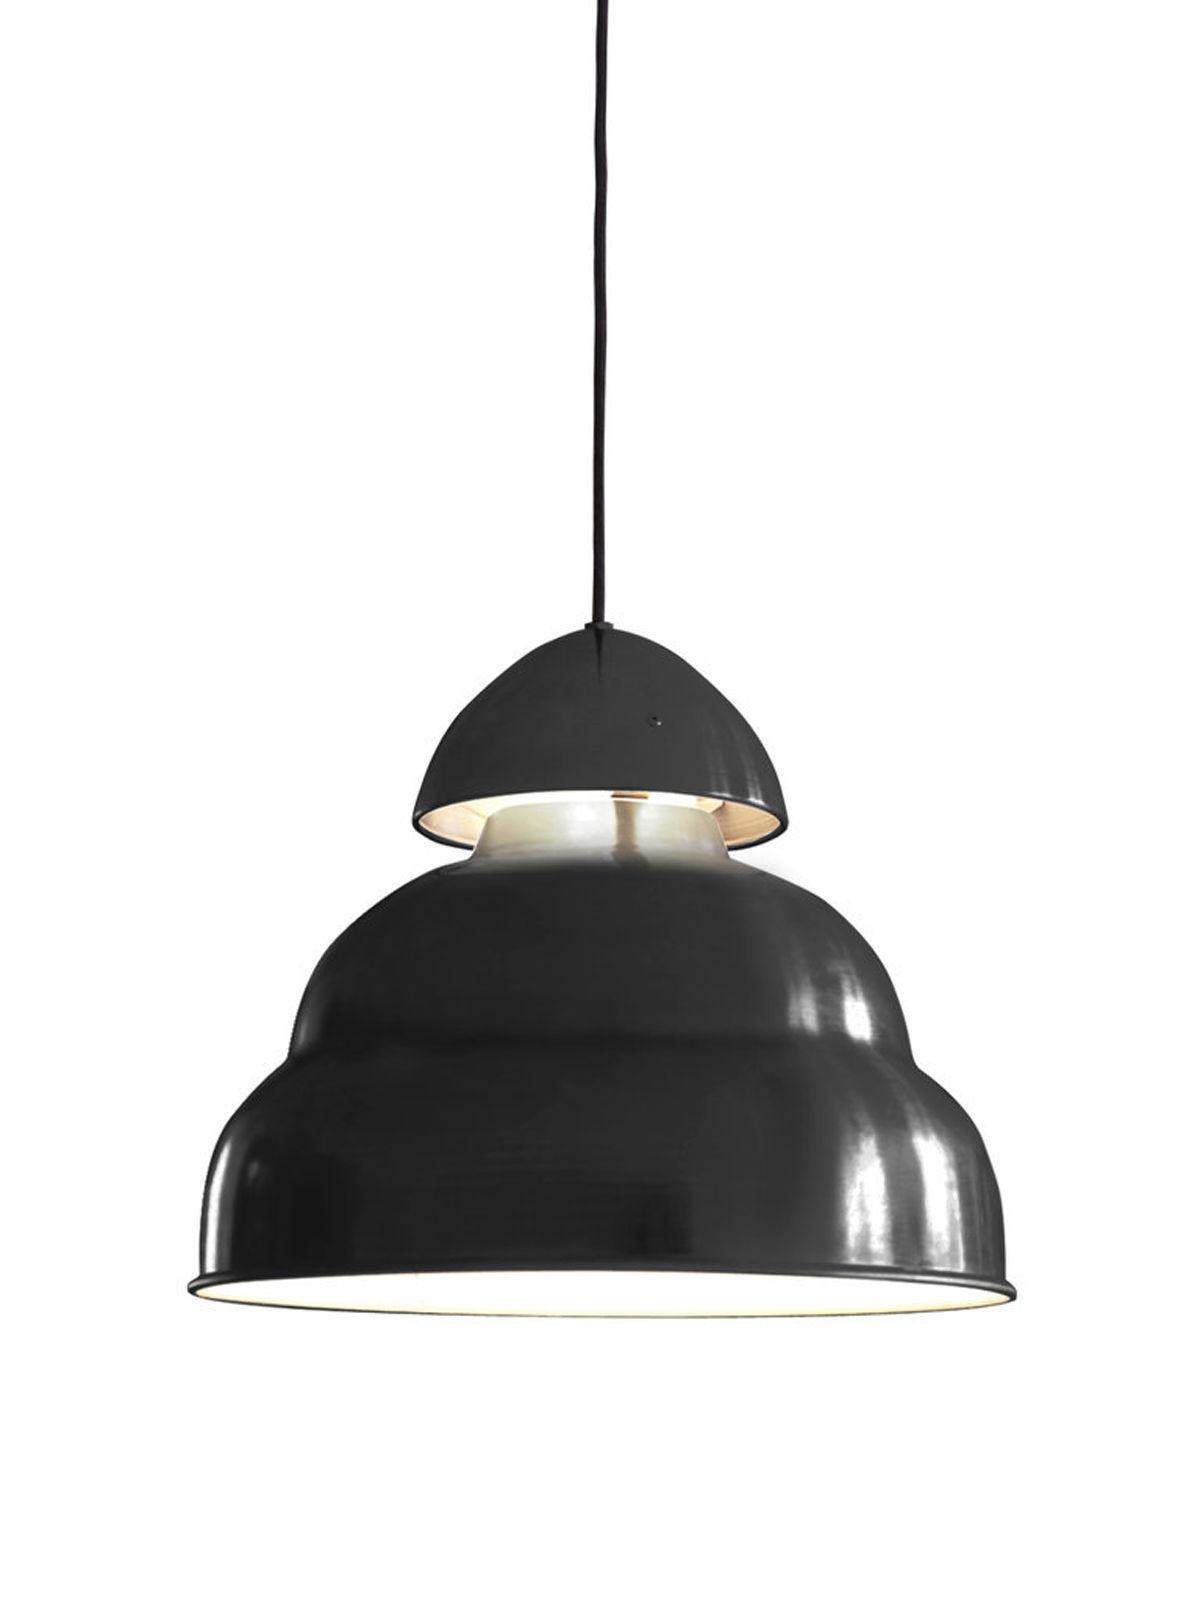 berliner pendel anneliwest berlin. Black Bedroom Furniture Sets. Home Design Ideas